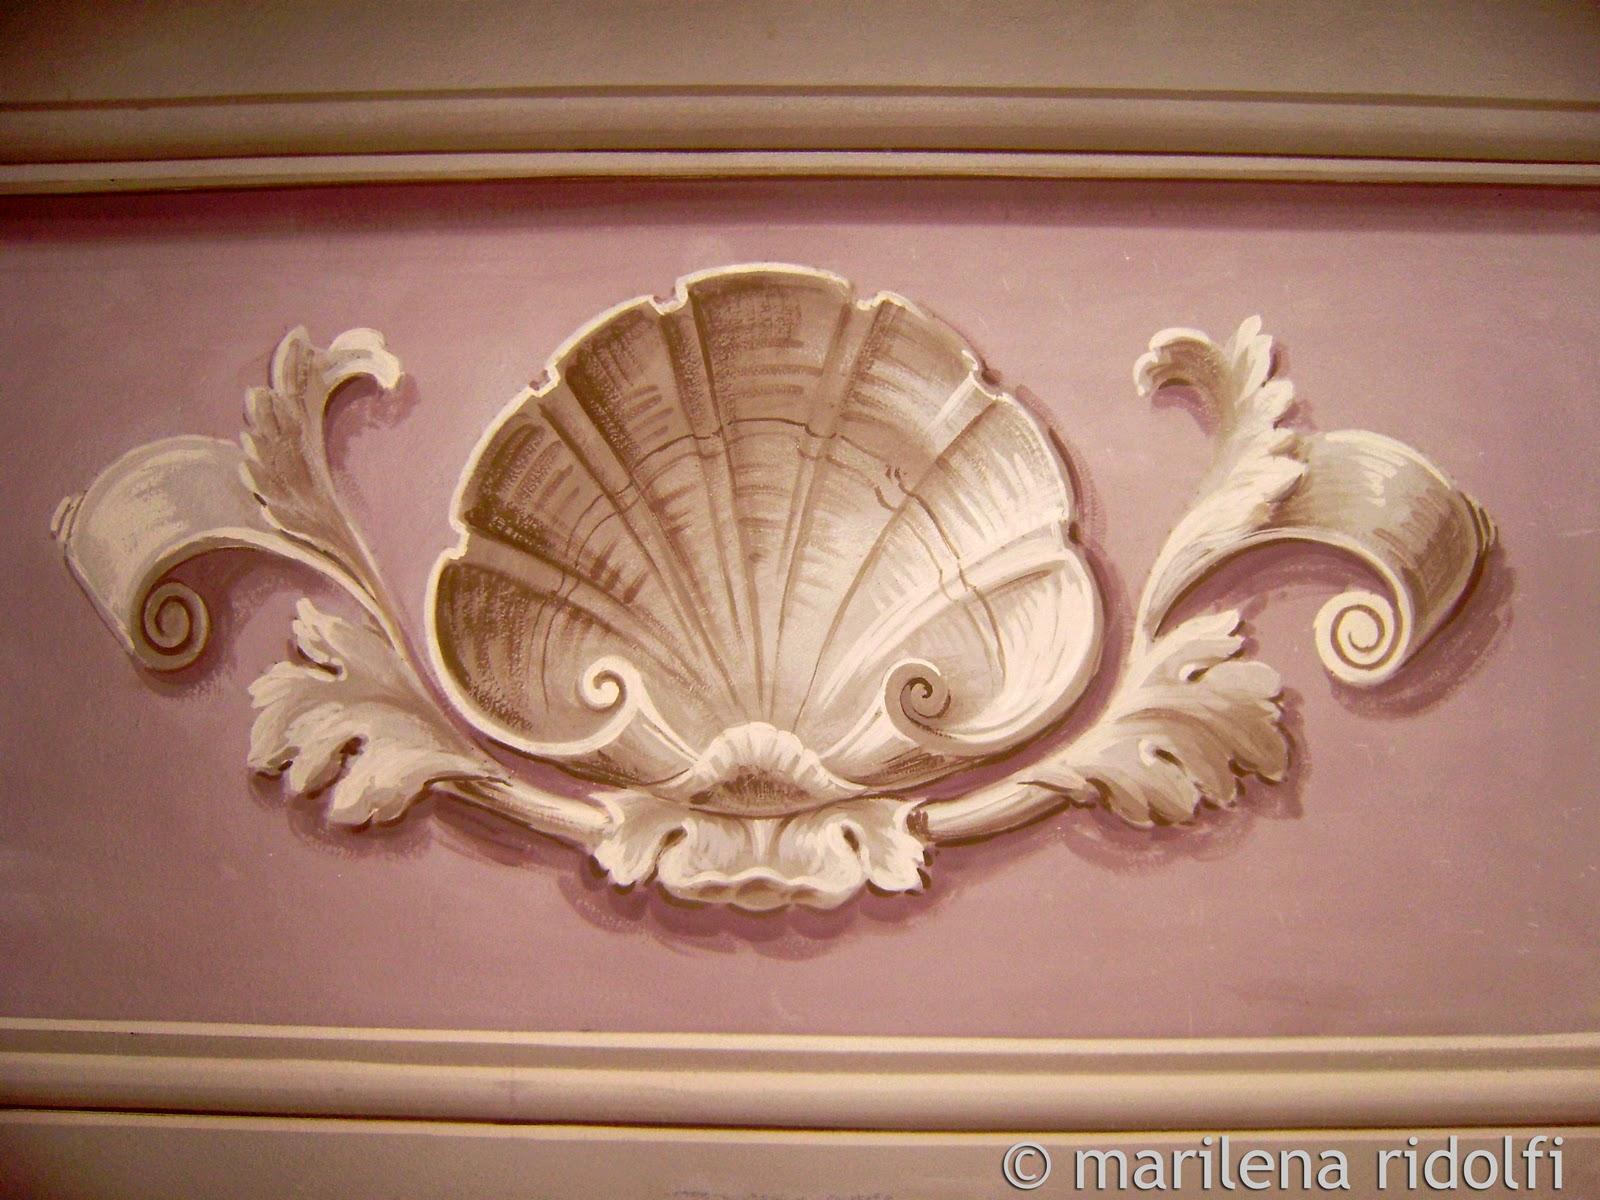 Decorazioni e restauro decorazioni murali - Decorazioni stencil murali ...